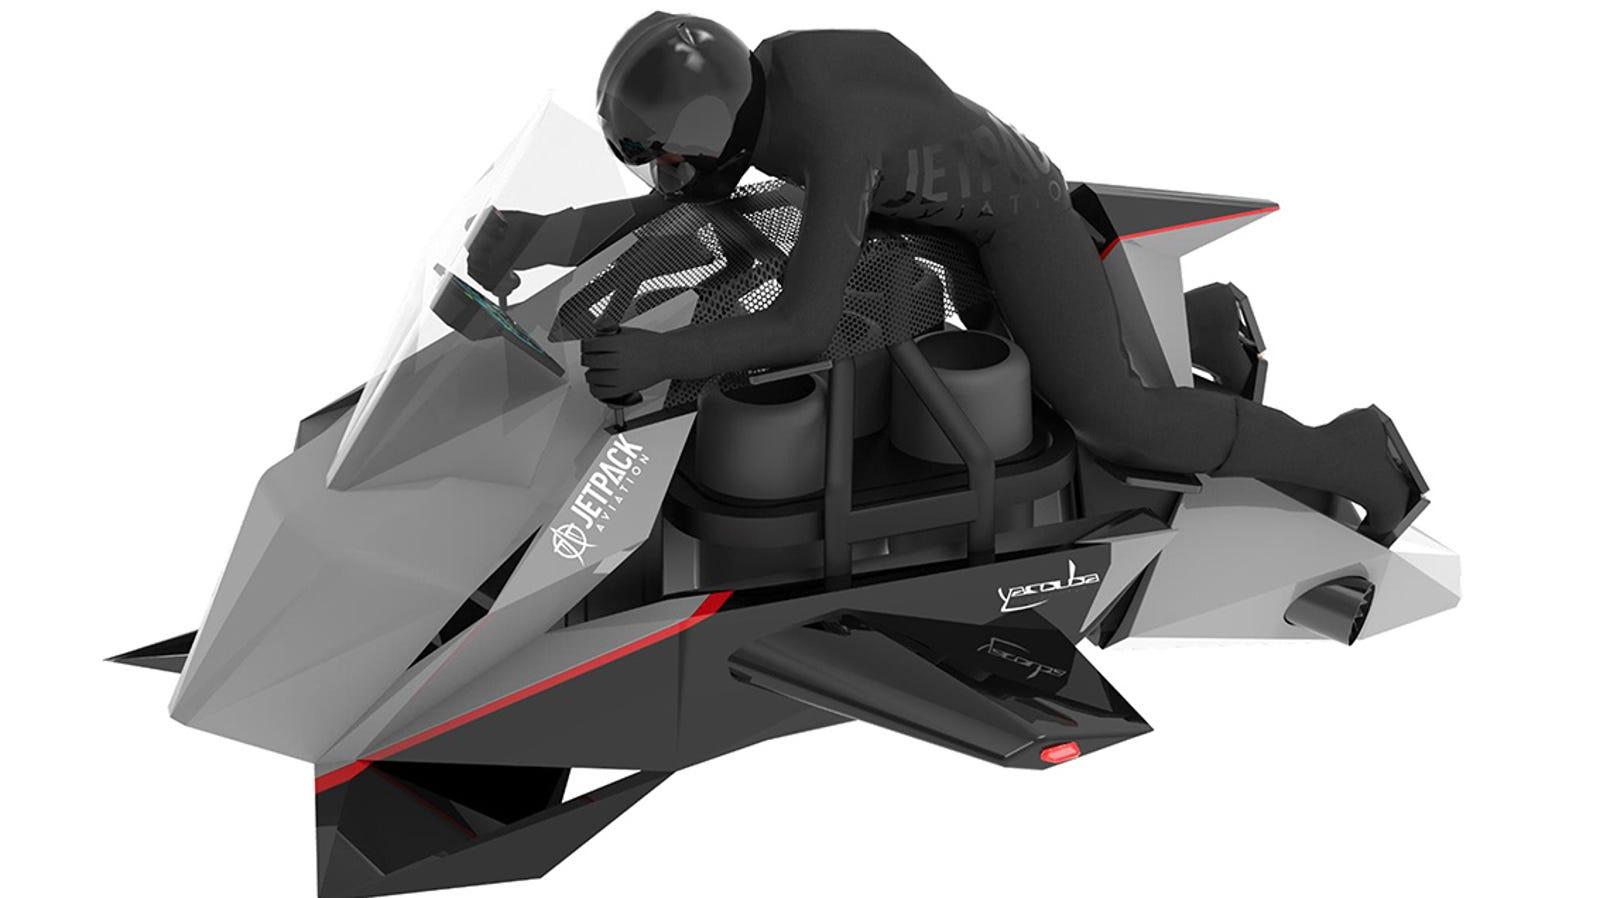 El piloto mantiene una postura similar a la de las motos deportivas